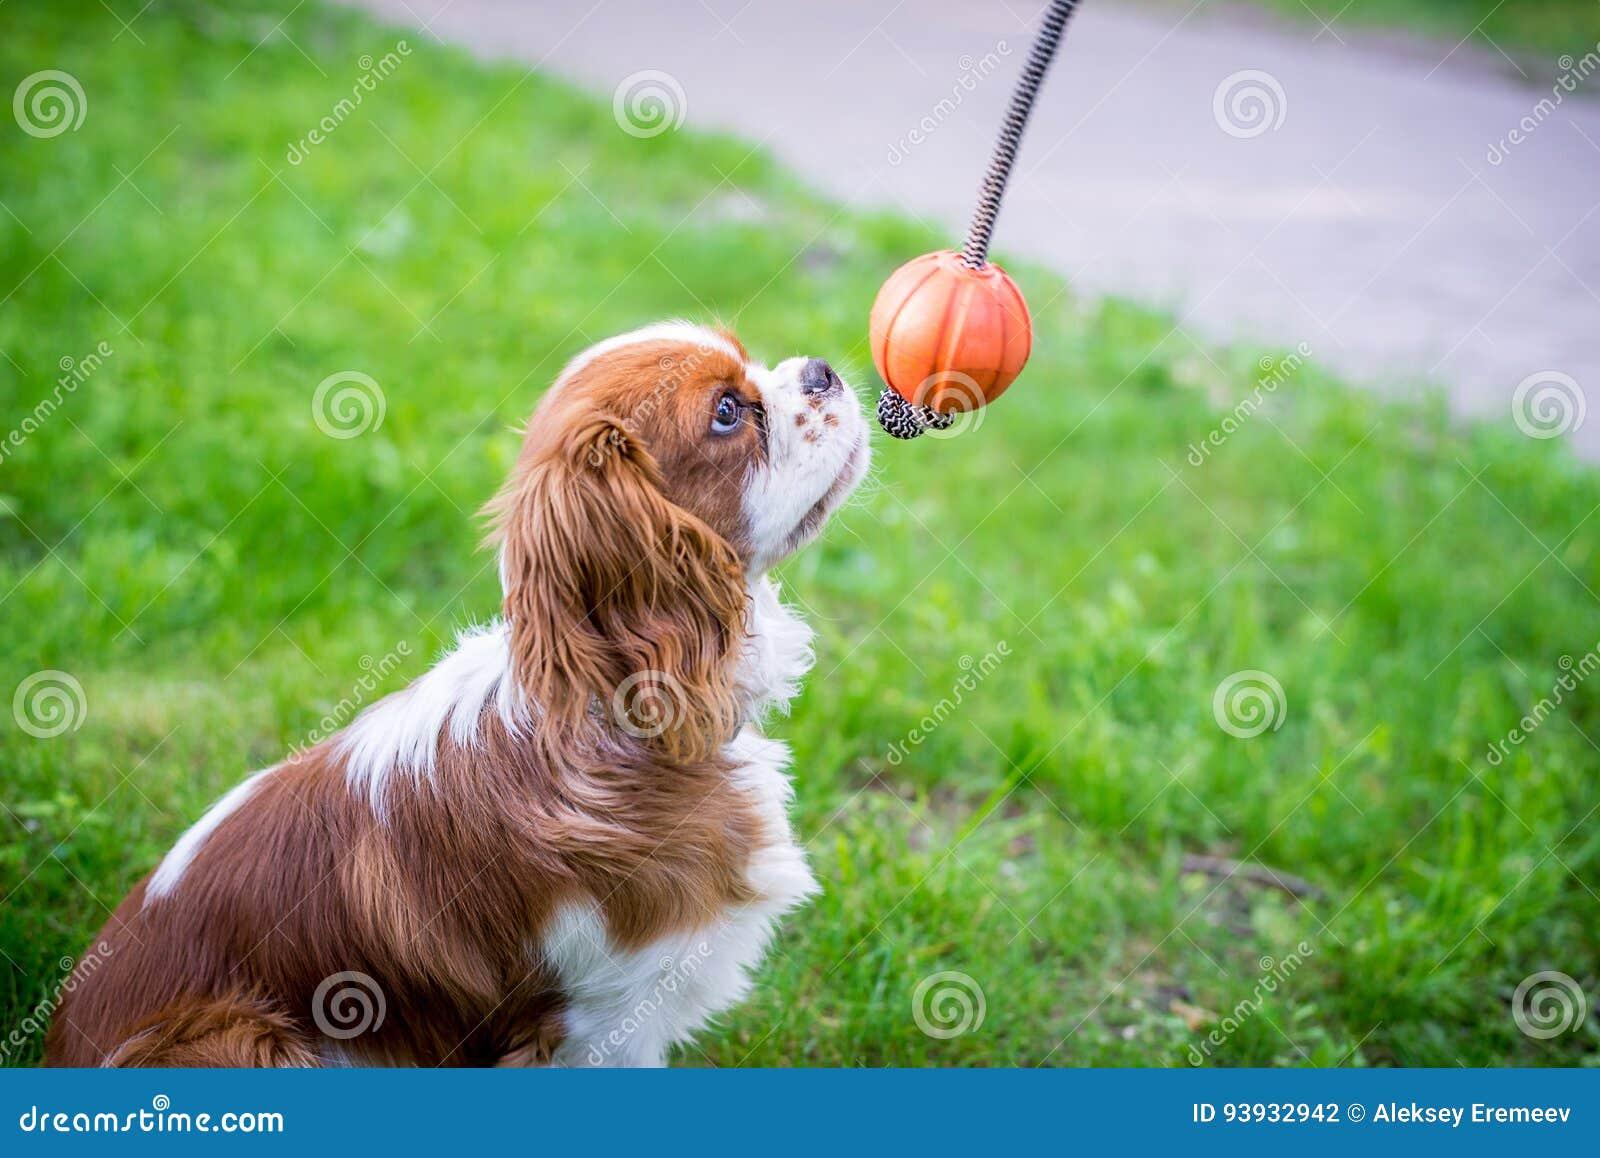 Erstaunlich Schöne Hunderassen Dekoration Von Pattern Schöne Kleine Ein Spaniel, Das Auf